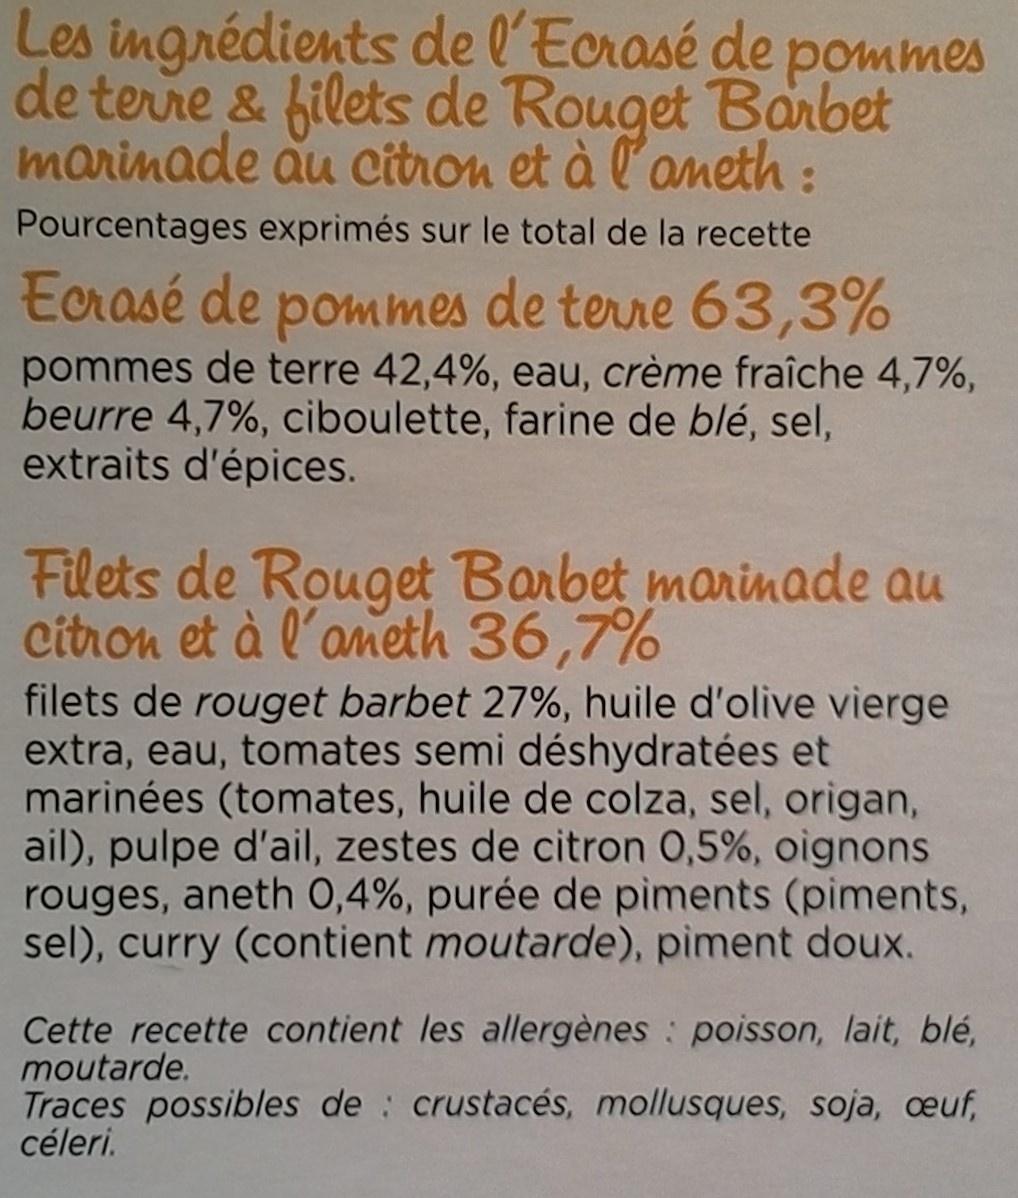 Filet de Rouget Barbet & Ecrasé de pommes de terre - Ingredients - fr